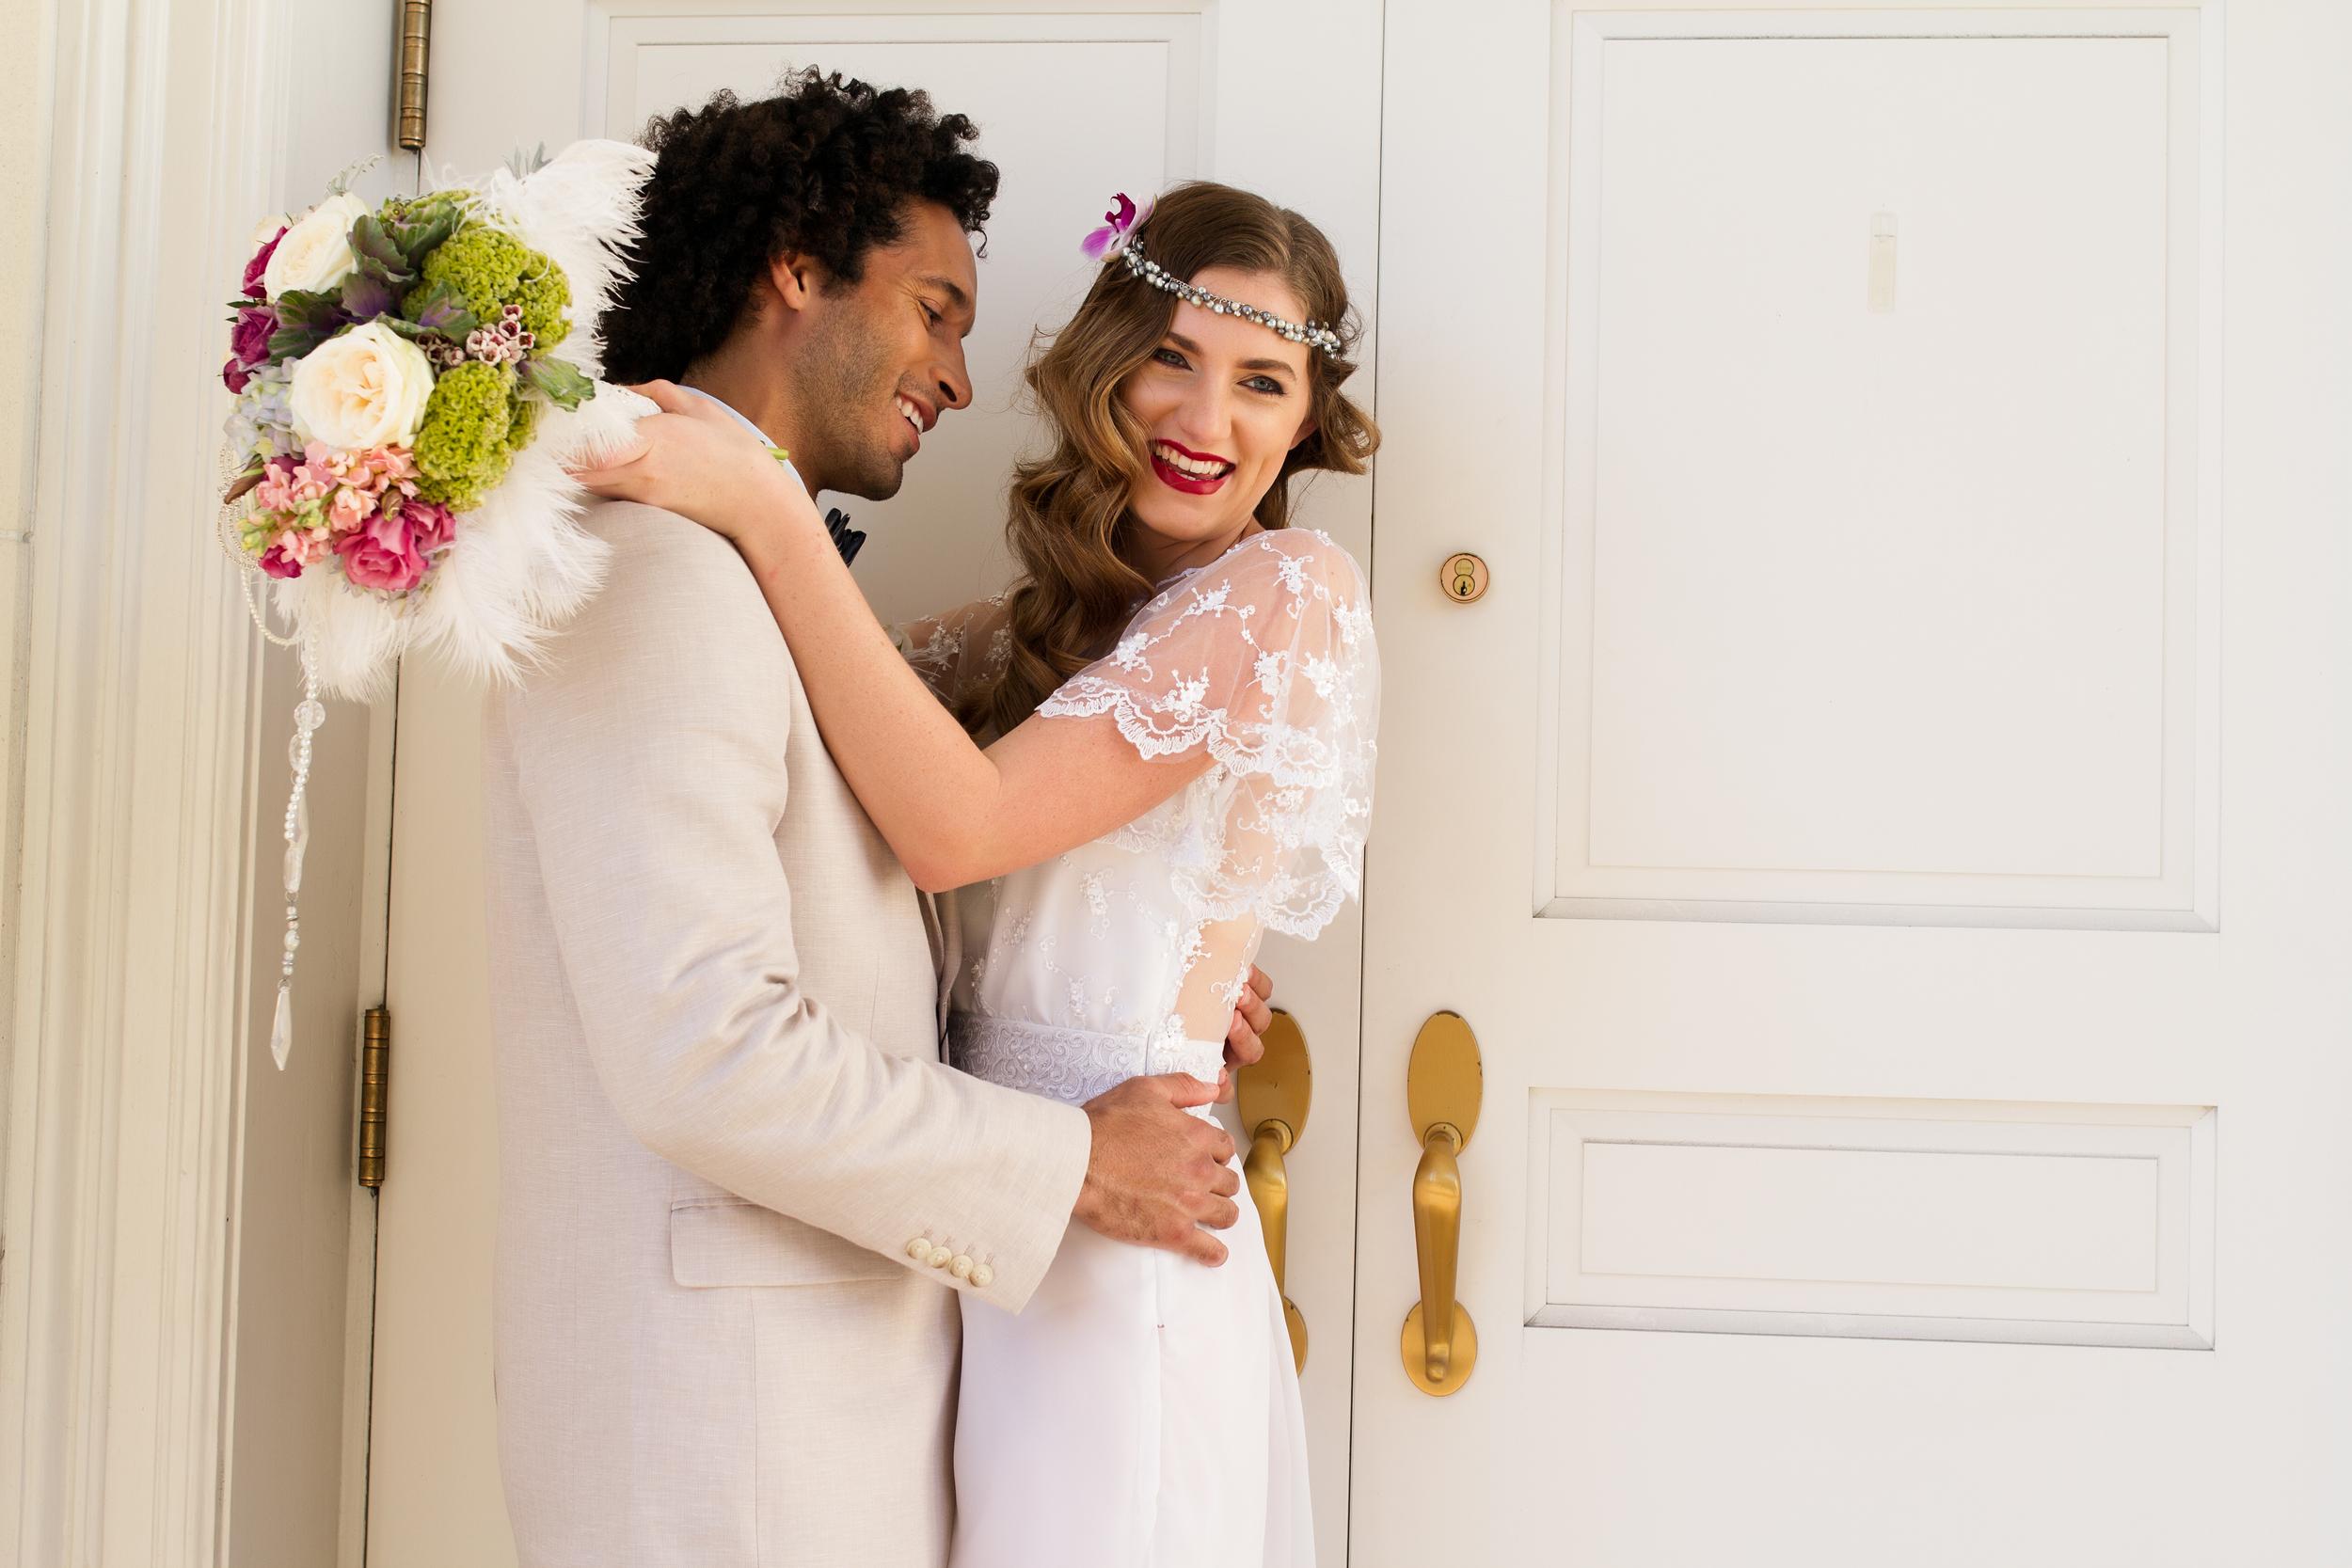 fashion_wedding_vaniaelisephotography--75.jpg